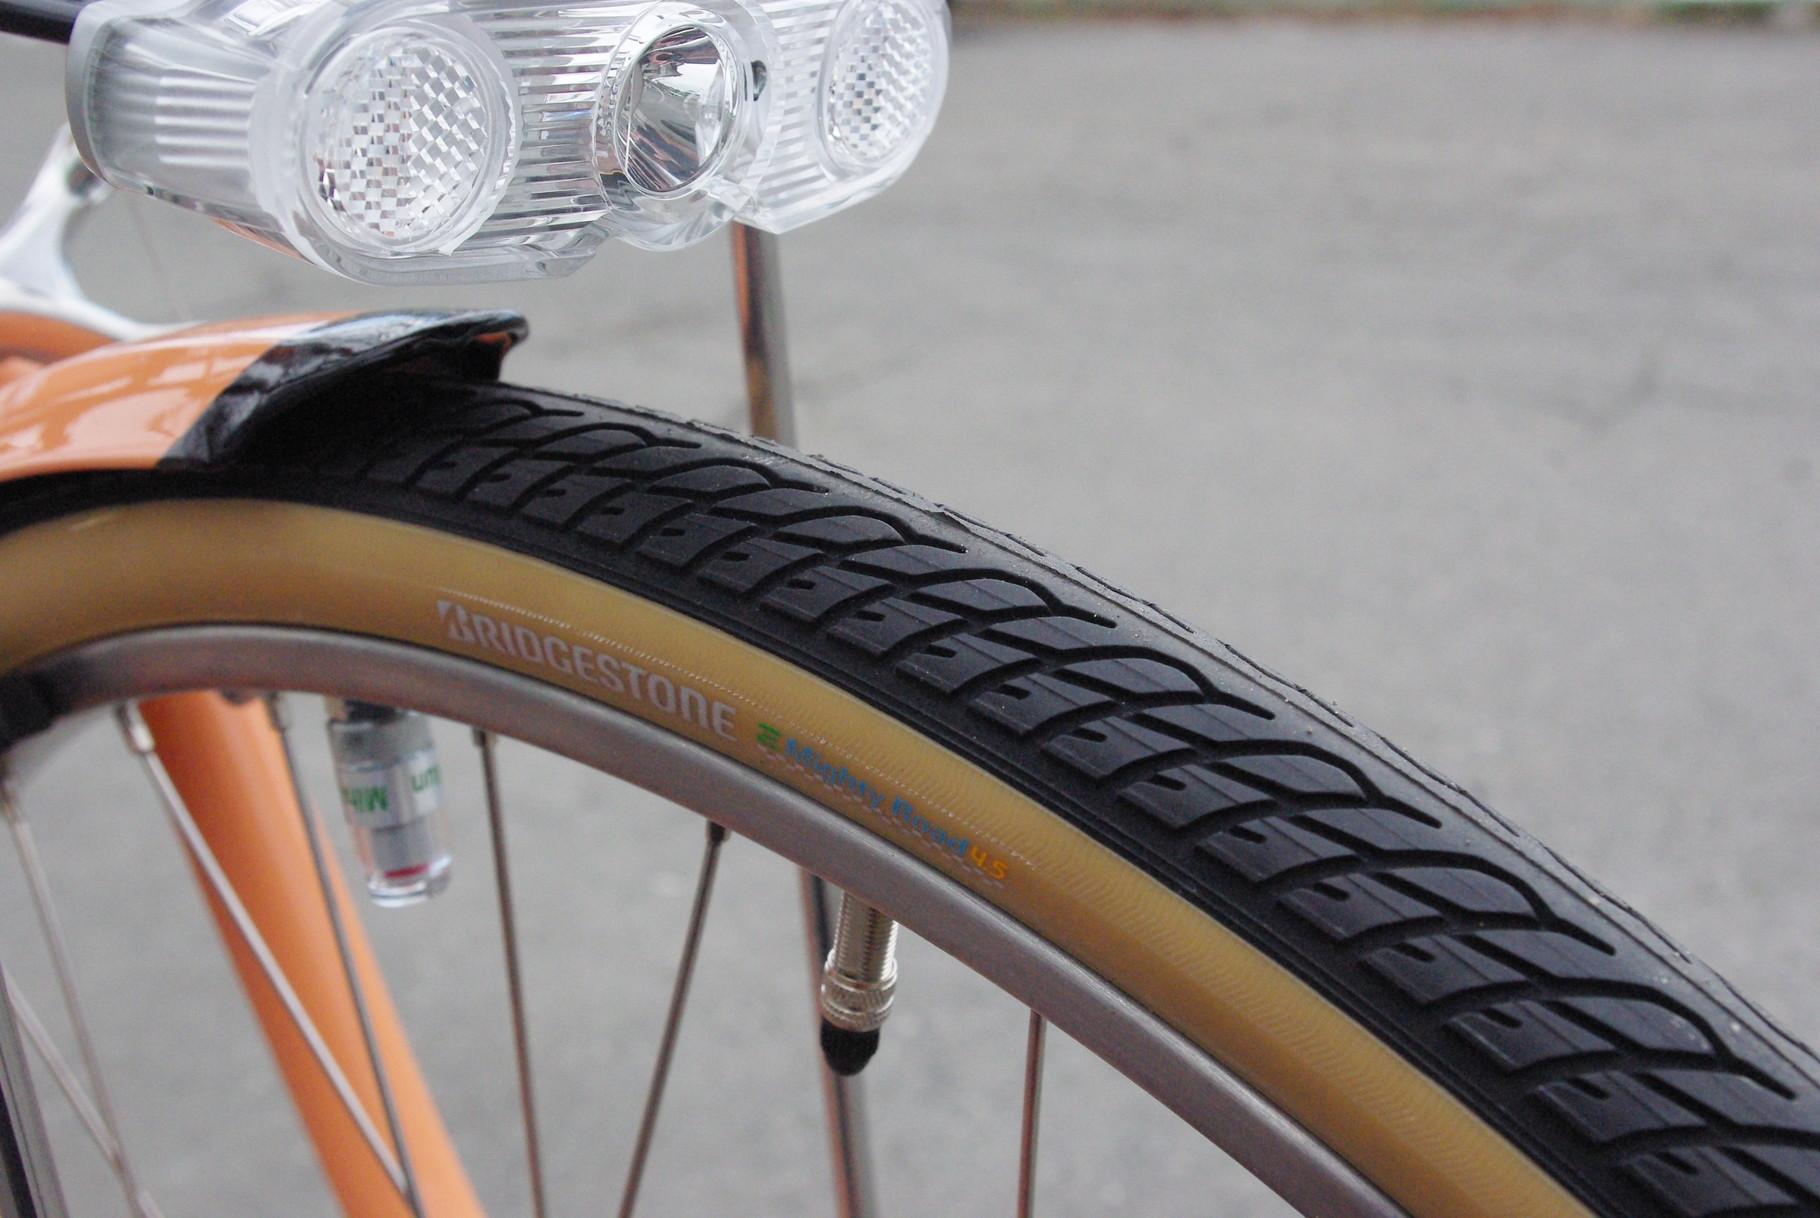 電動専用タイヤ『Eマイティロード』を装備。通常より少し太めの1-1/2規格で安定感あります。